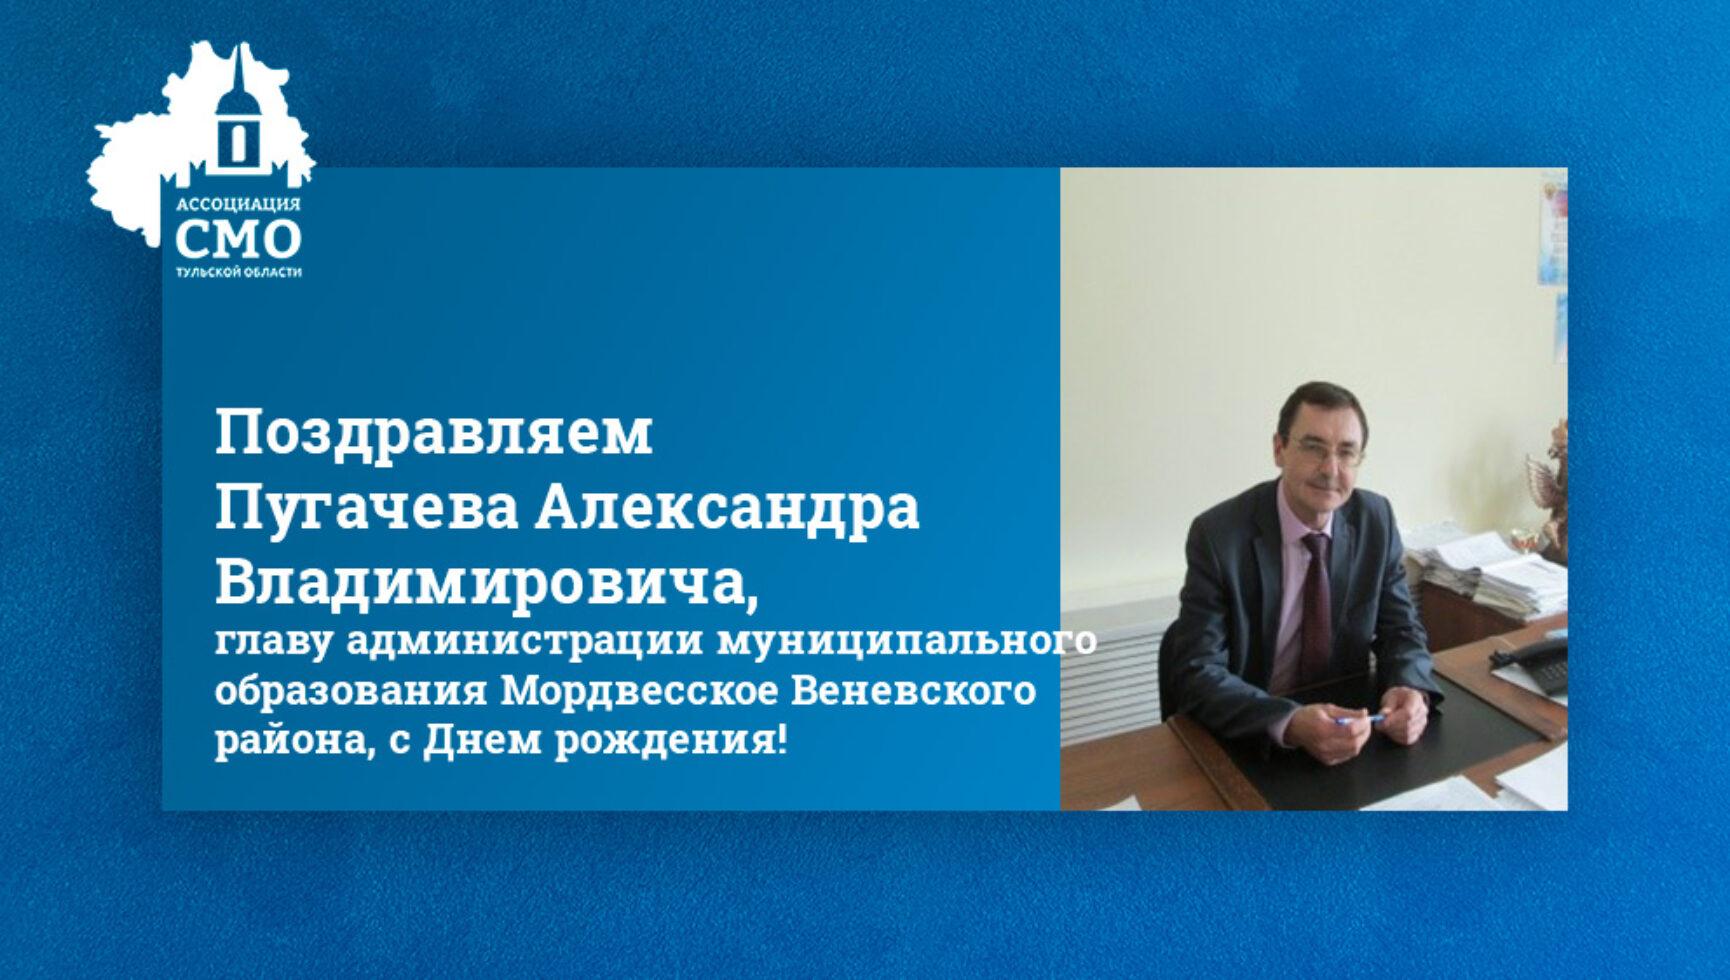 Поздравляем Пугачева Александра Владимировича, главу администрации муниципального образования Мордвесское Веневского района, с Днем рождения!